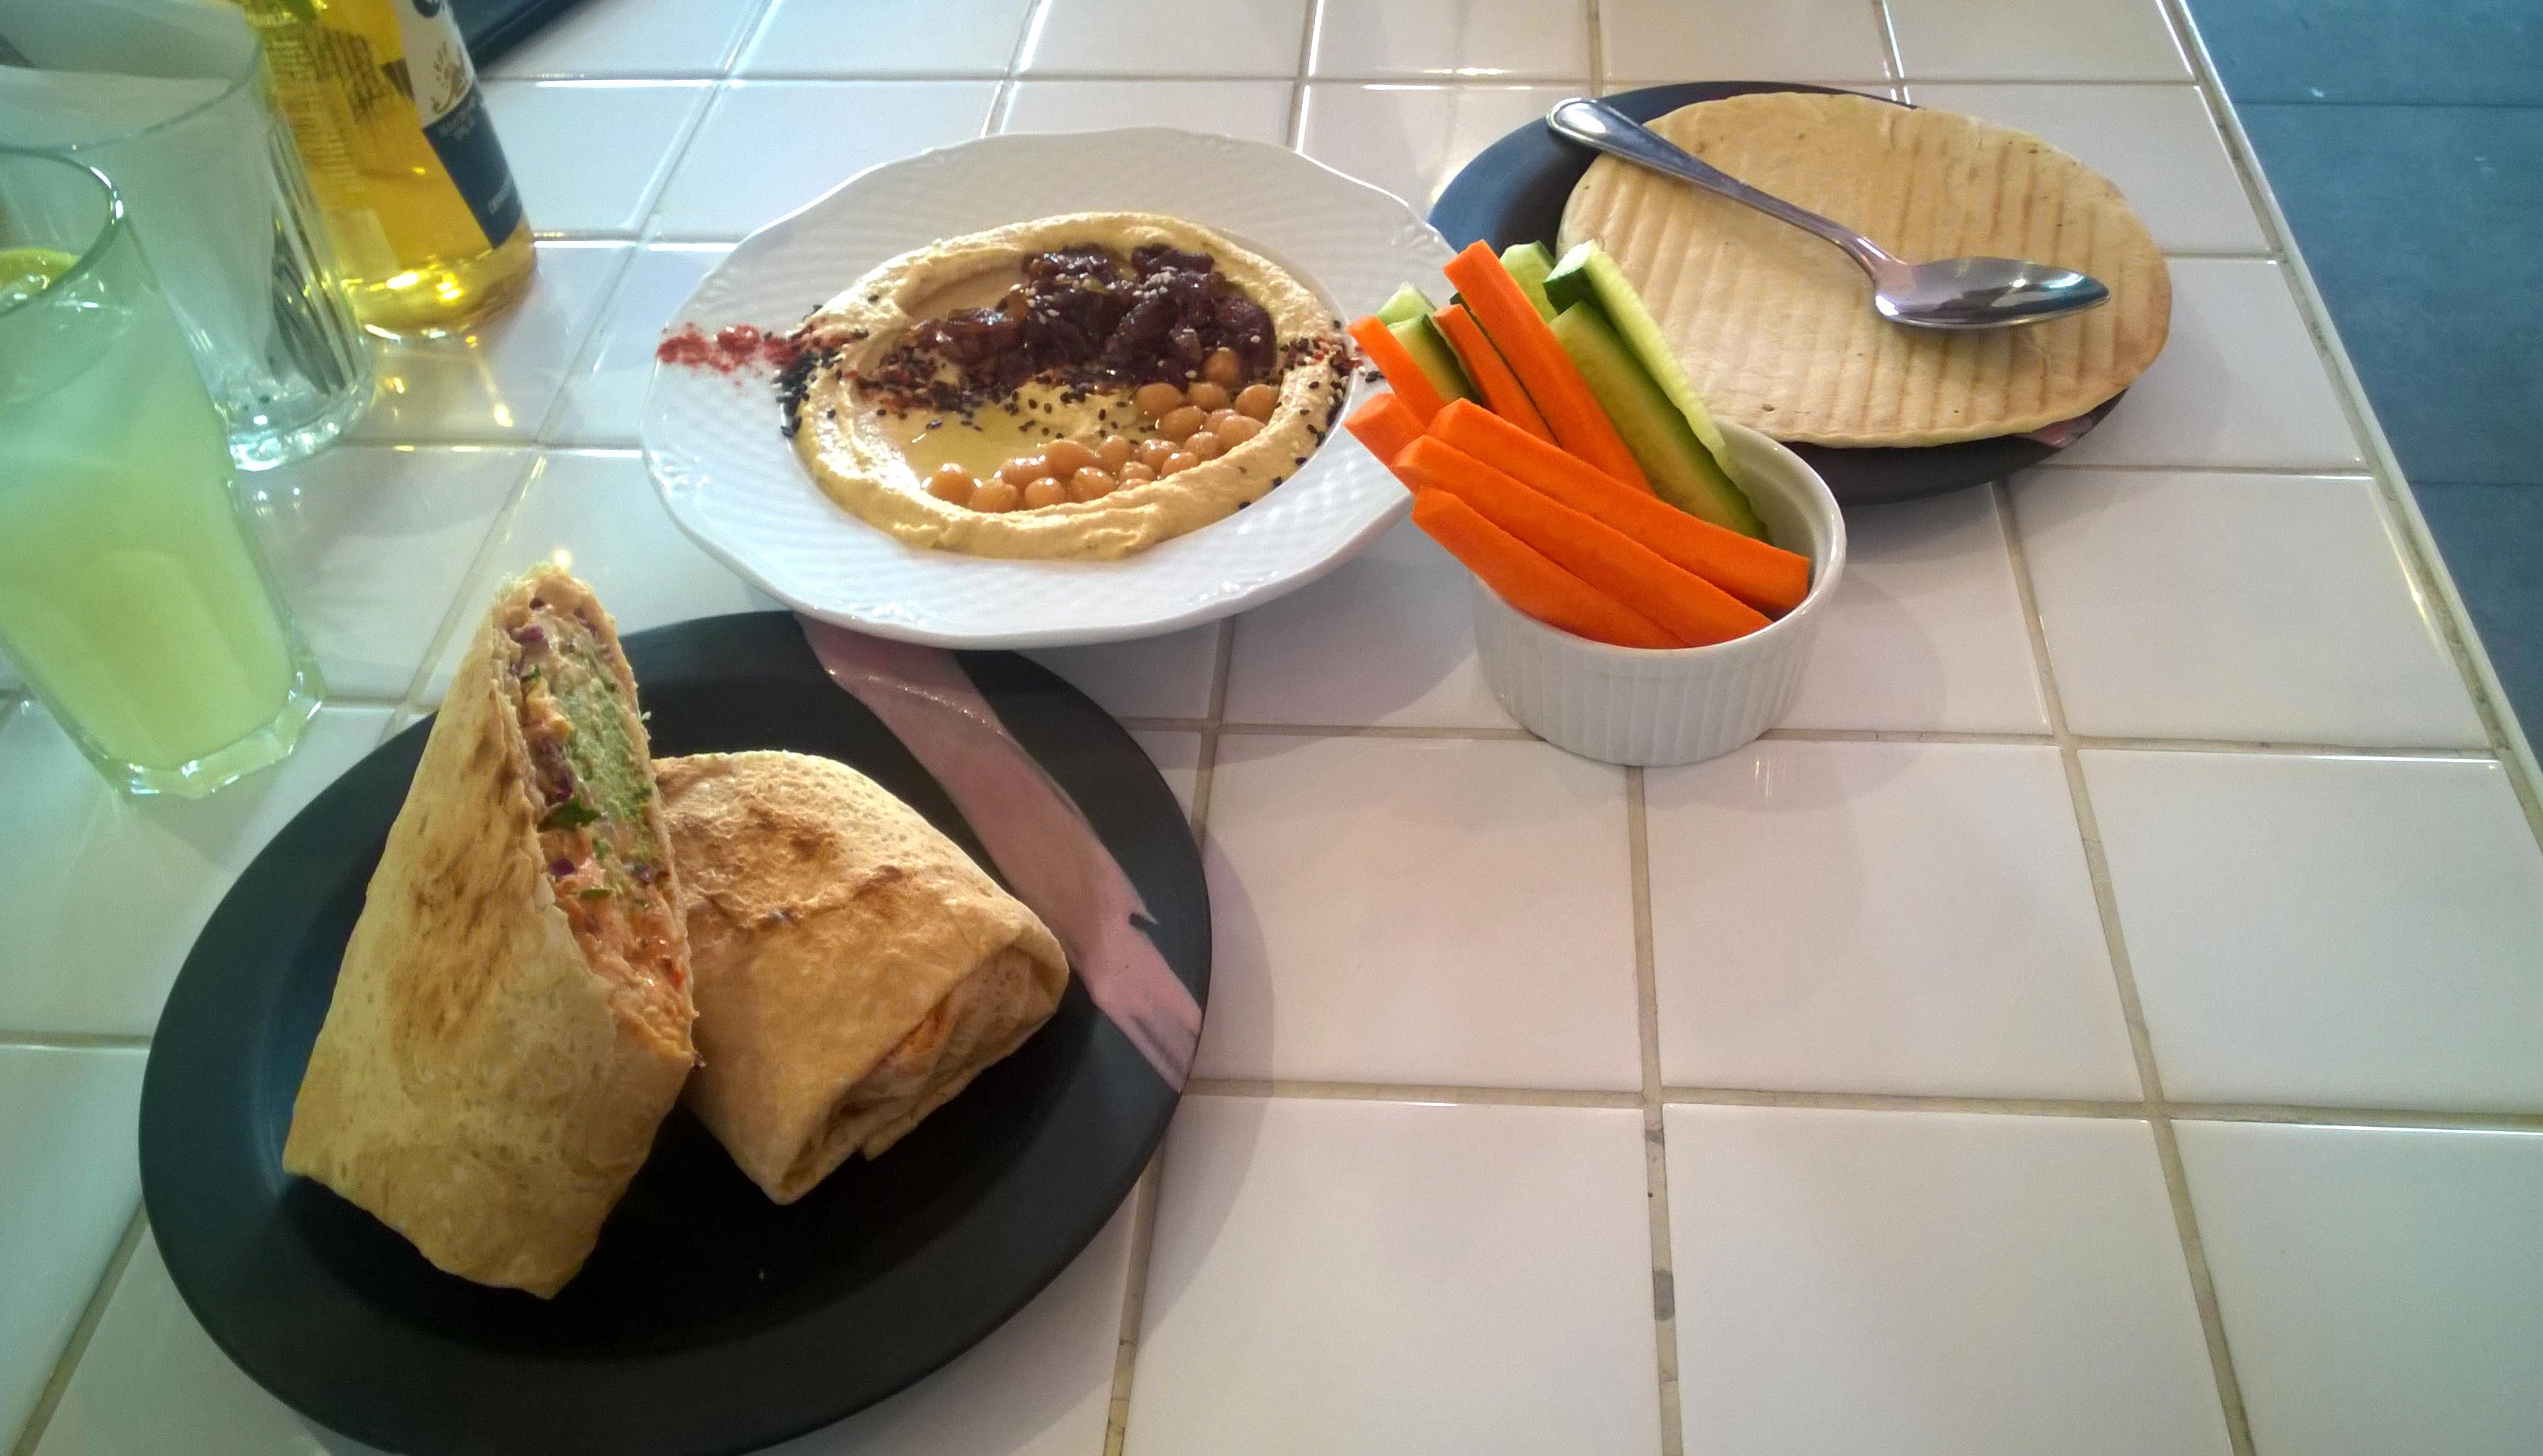 Hummus and roll at Hum:Hum